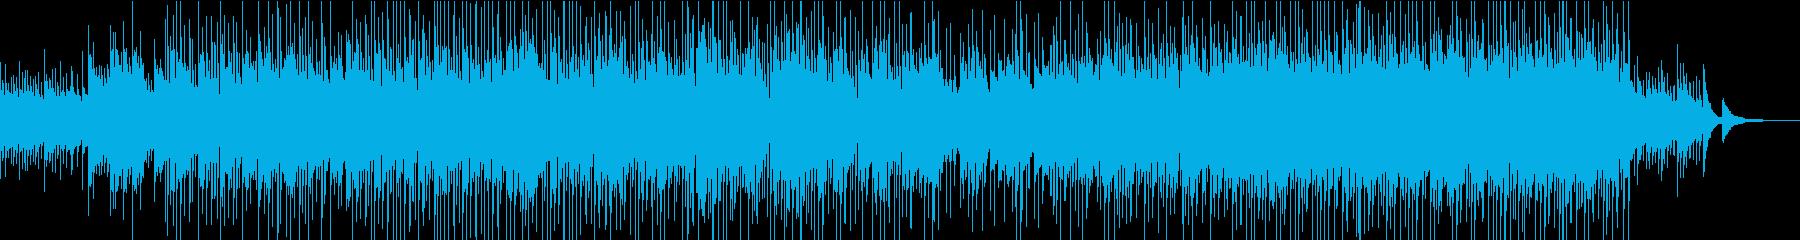 メロディが控えめCMナレーション向けの再生済みの波形